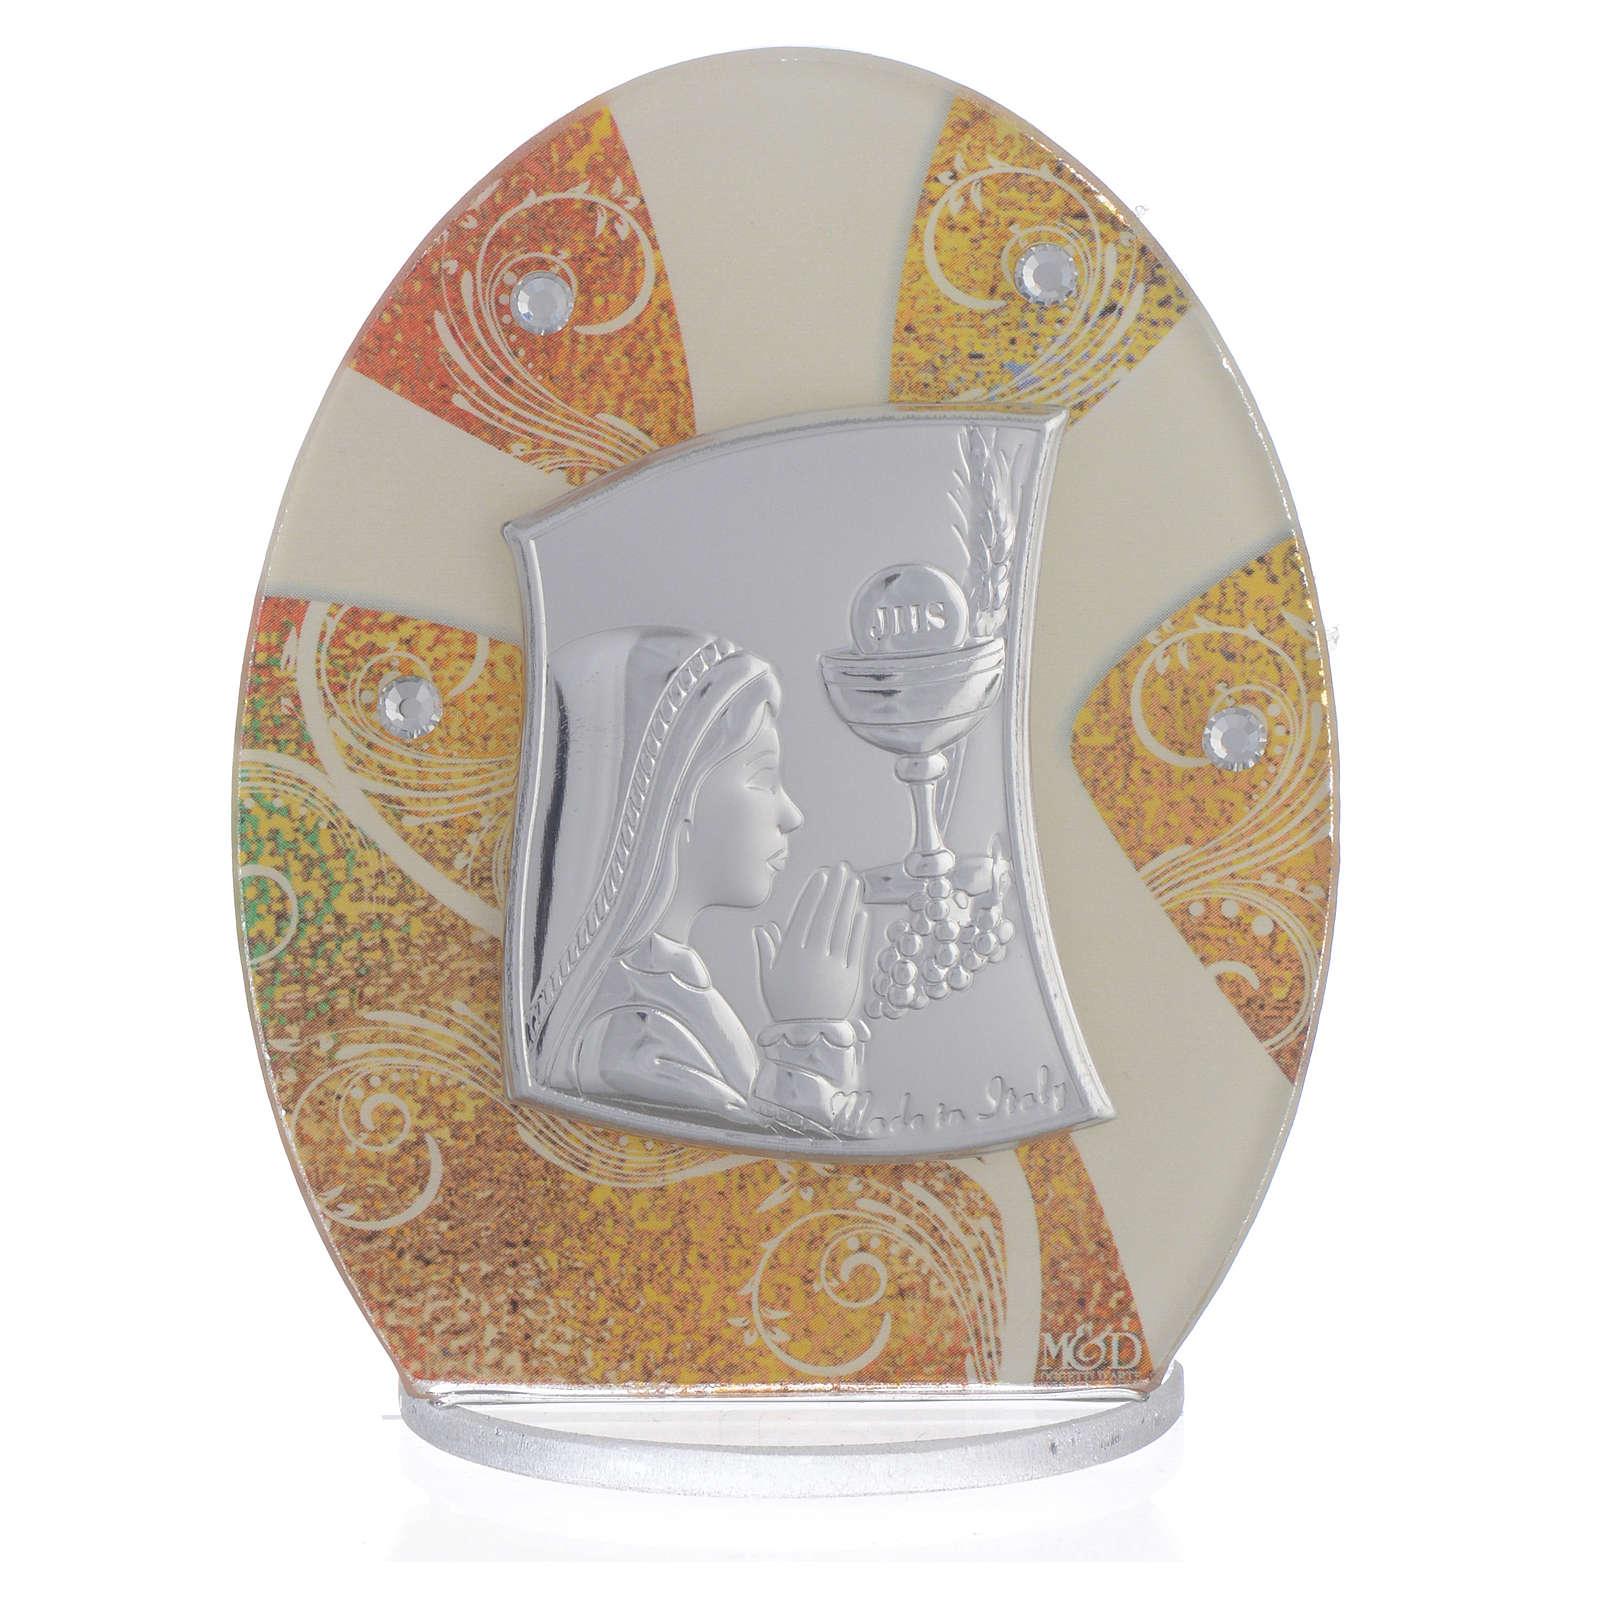 Bonbonnière Communion Fille argent 10,5 cm 3